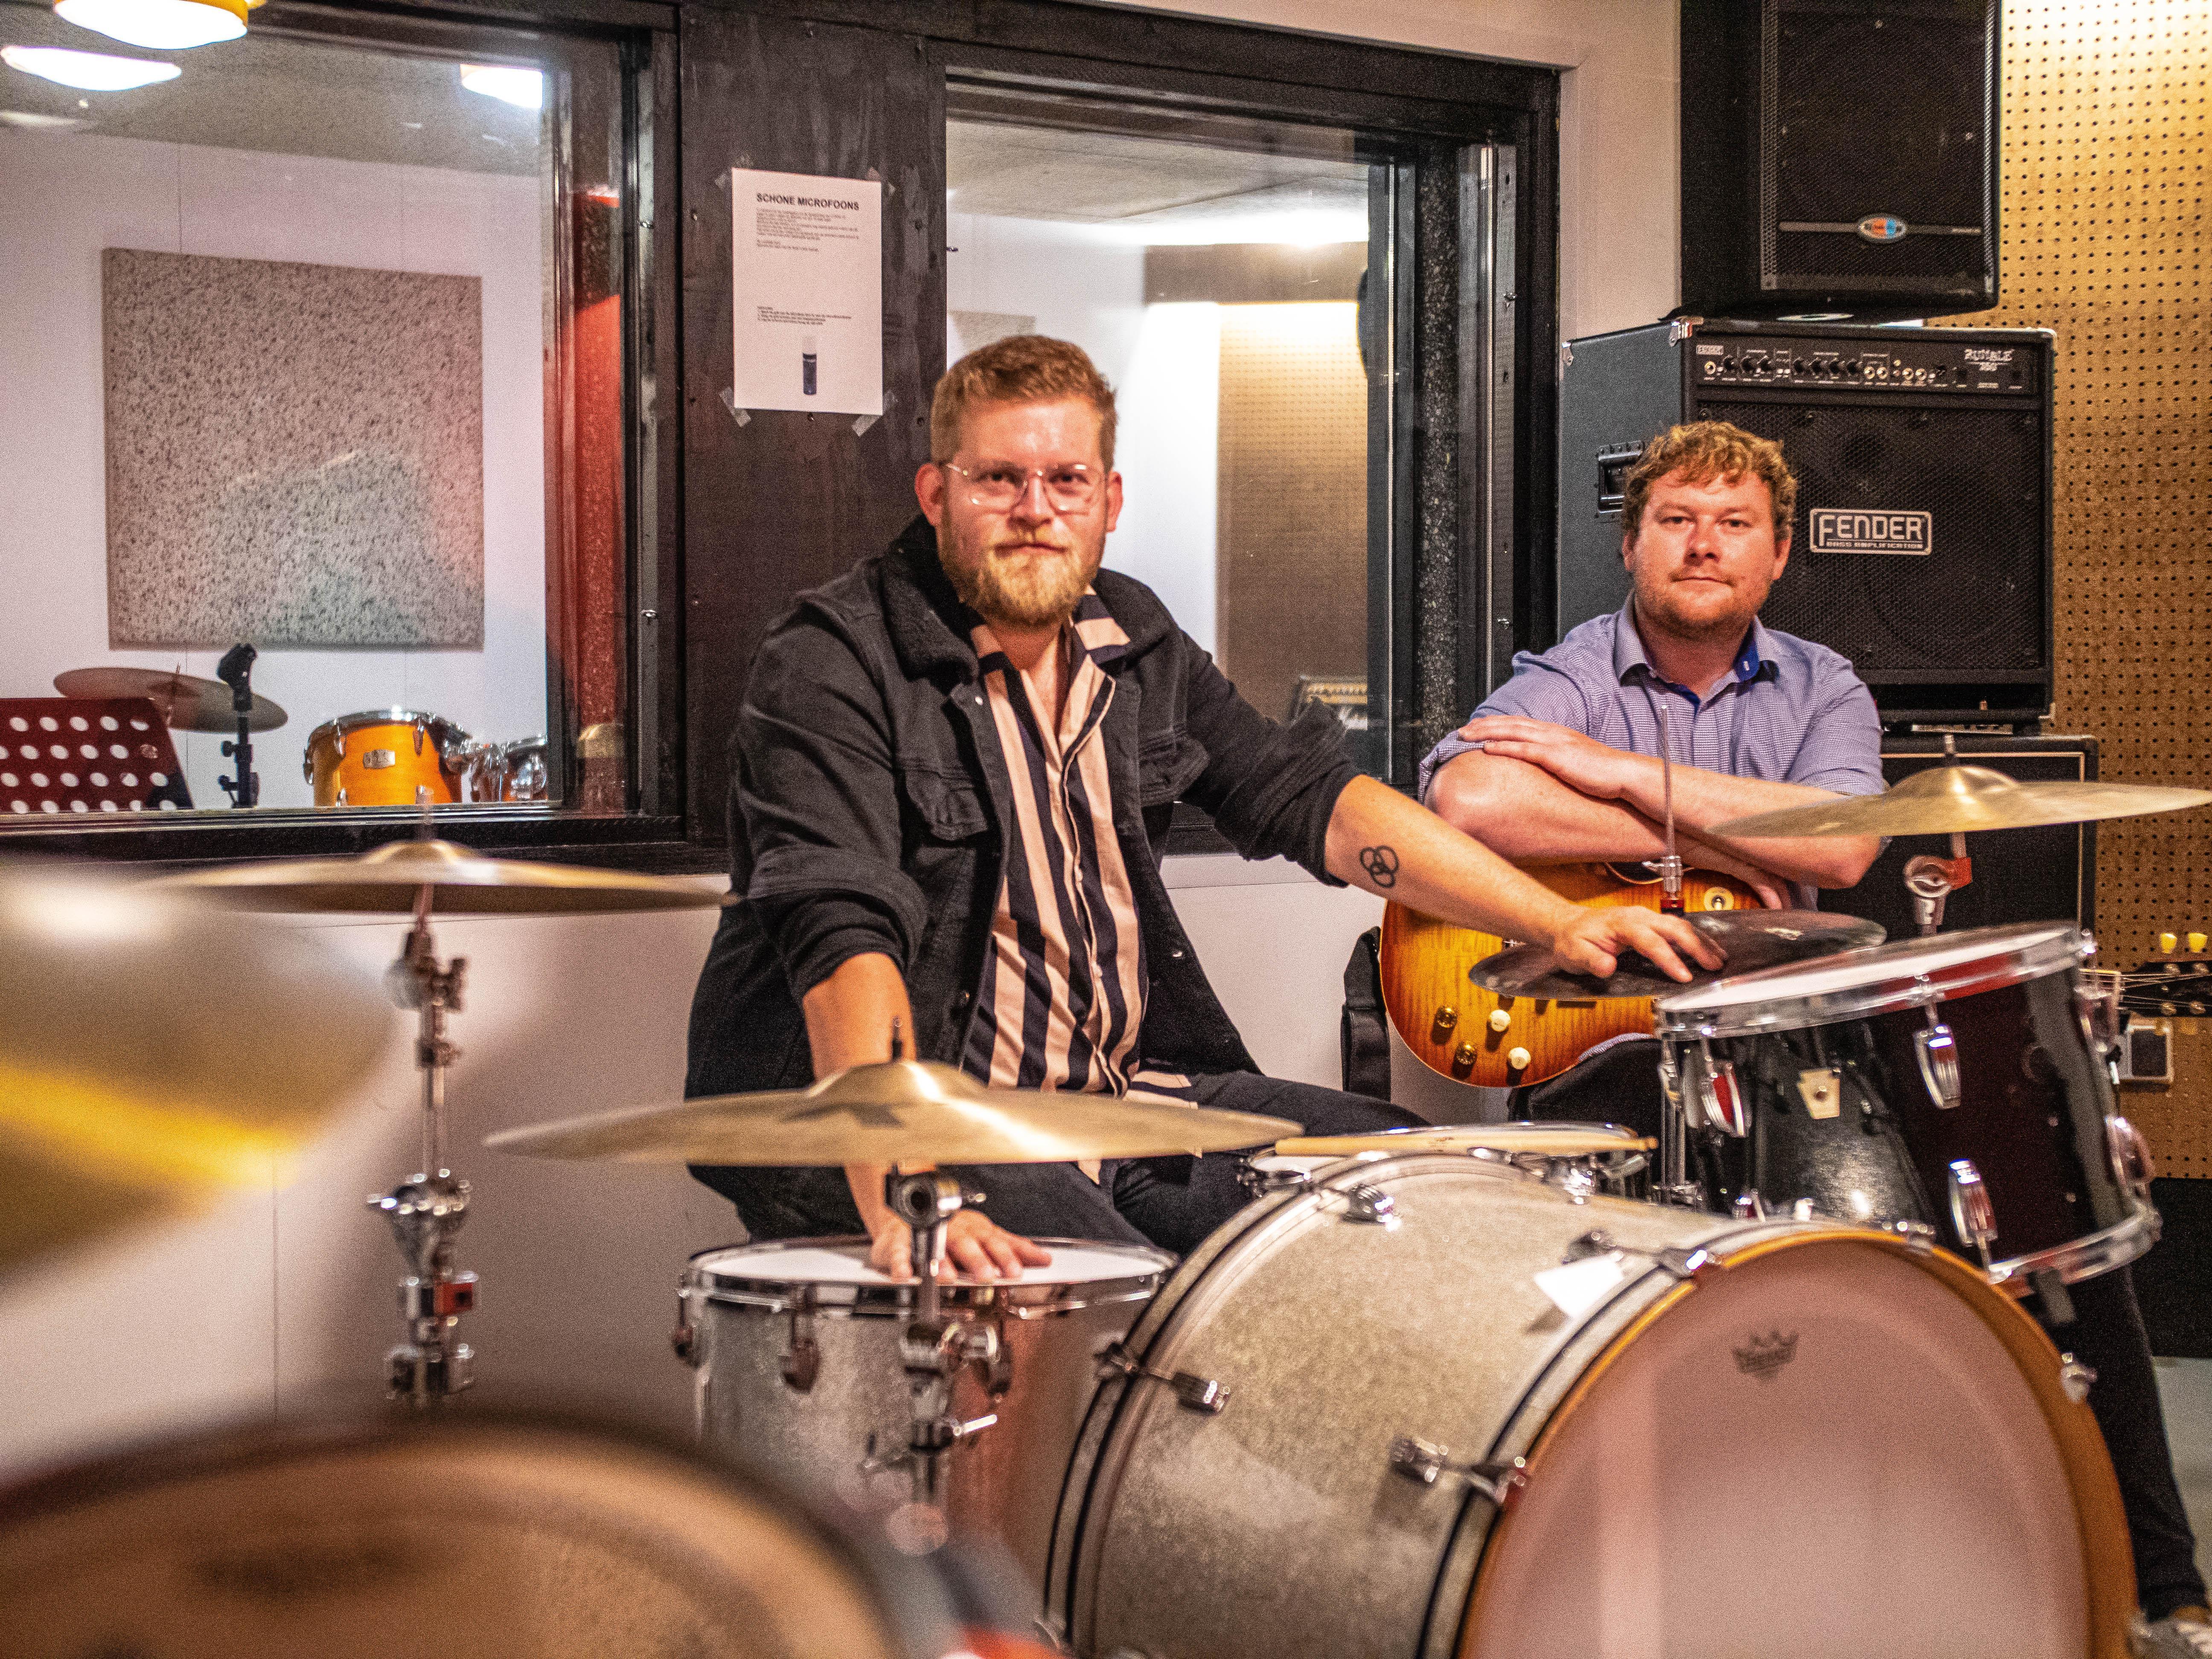 Vanwege week tegen de eenzaamheid zoekt De Rock 'n Roll Fabriek leden voor 'The Band Senior', met muzikale 55-plussers